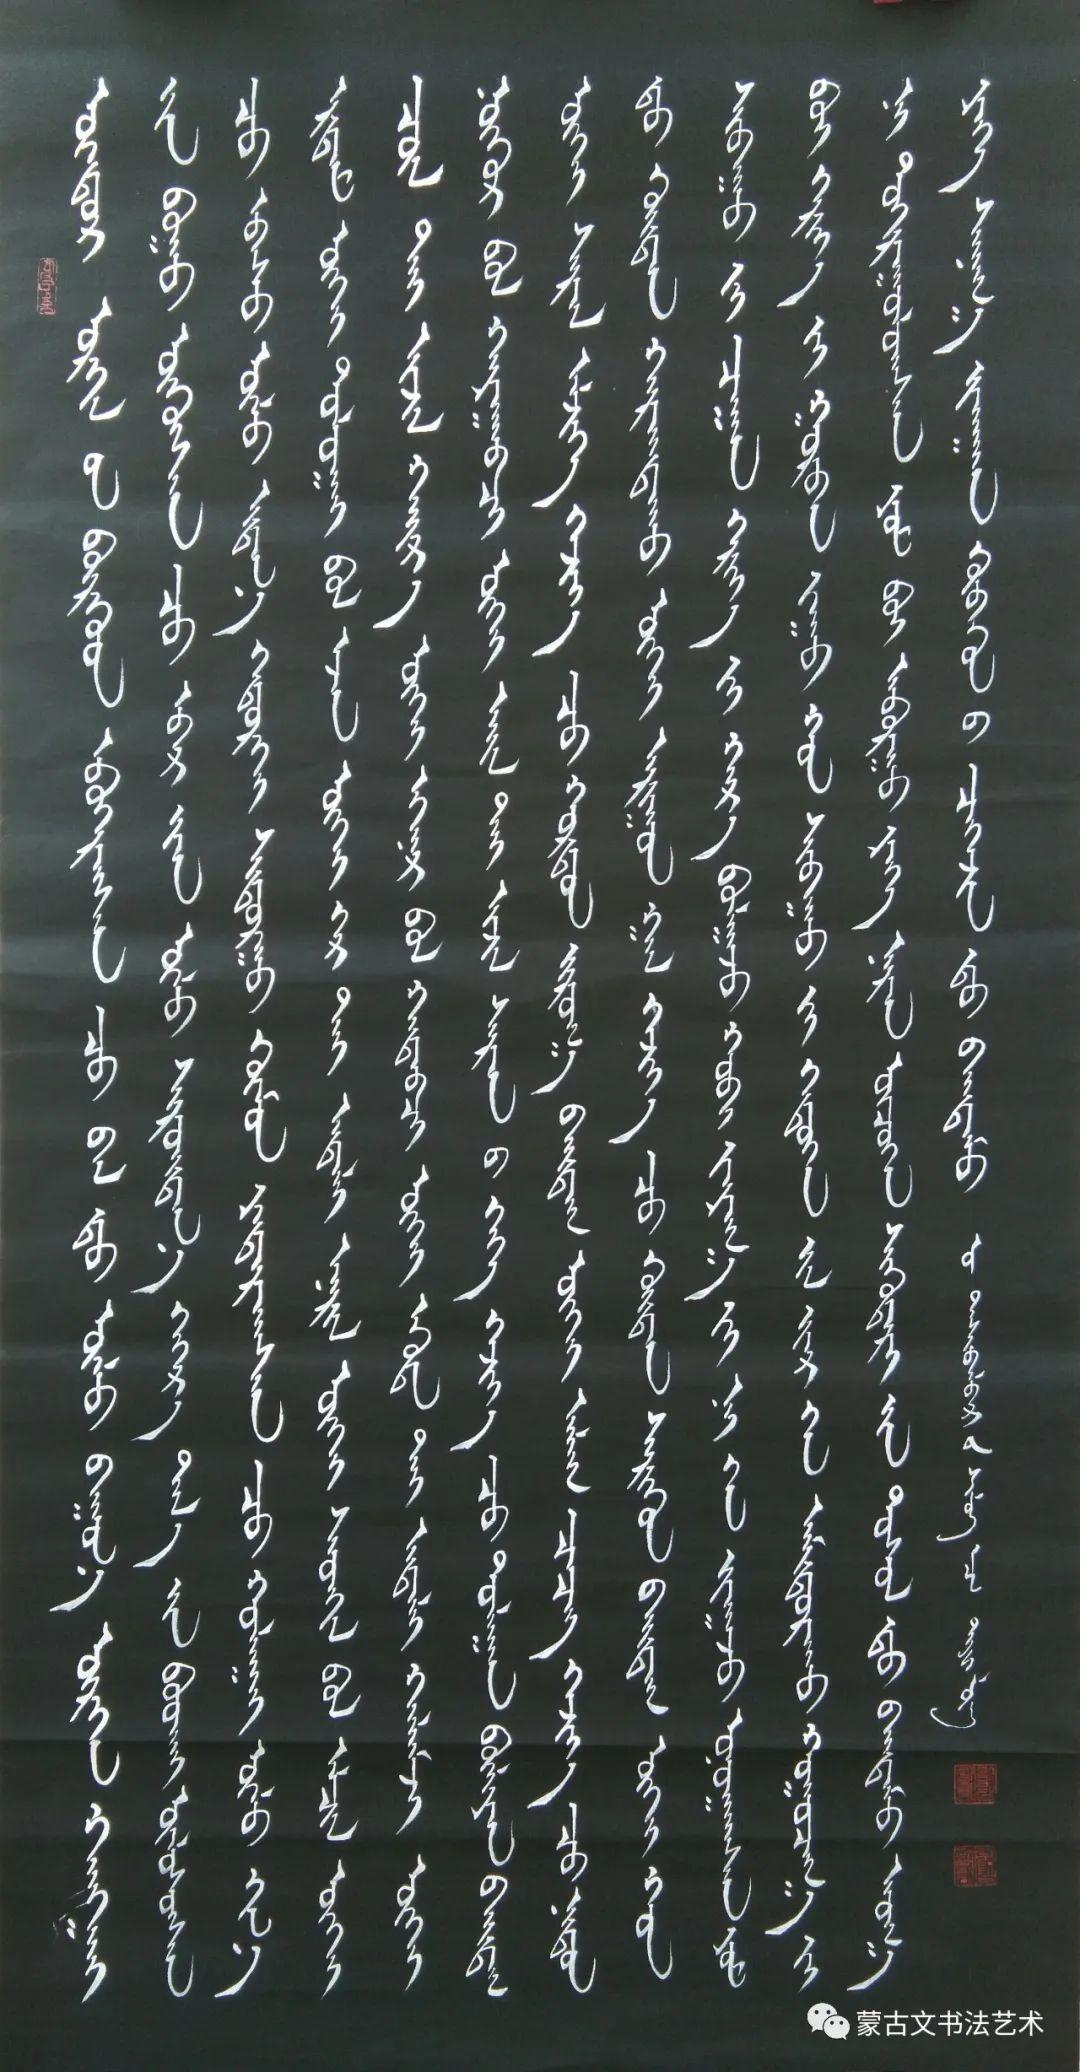 铁龙蒙古文书法 第2张